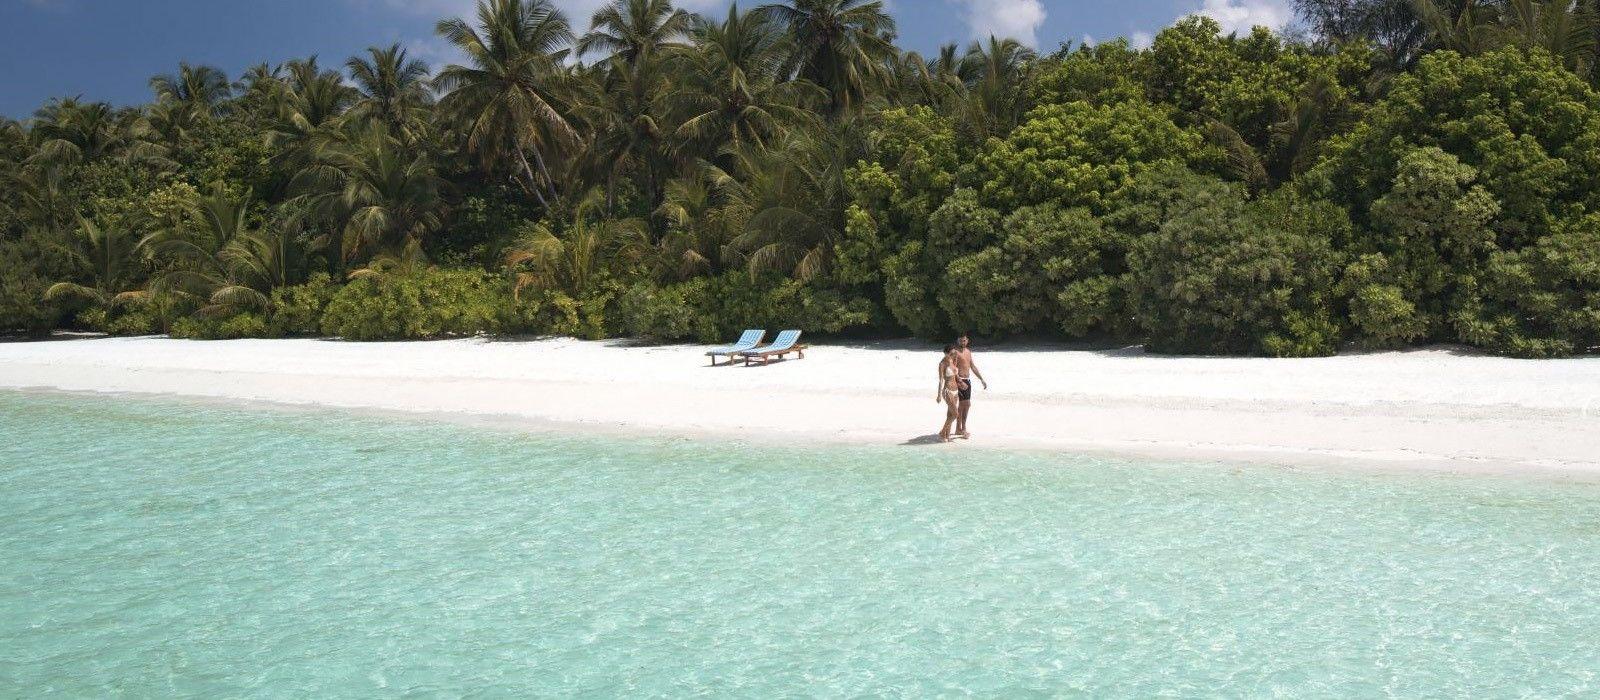 Traumhafte Malediven & einmaliges Sri Lanka Urlaub 4